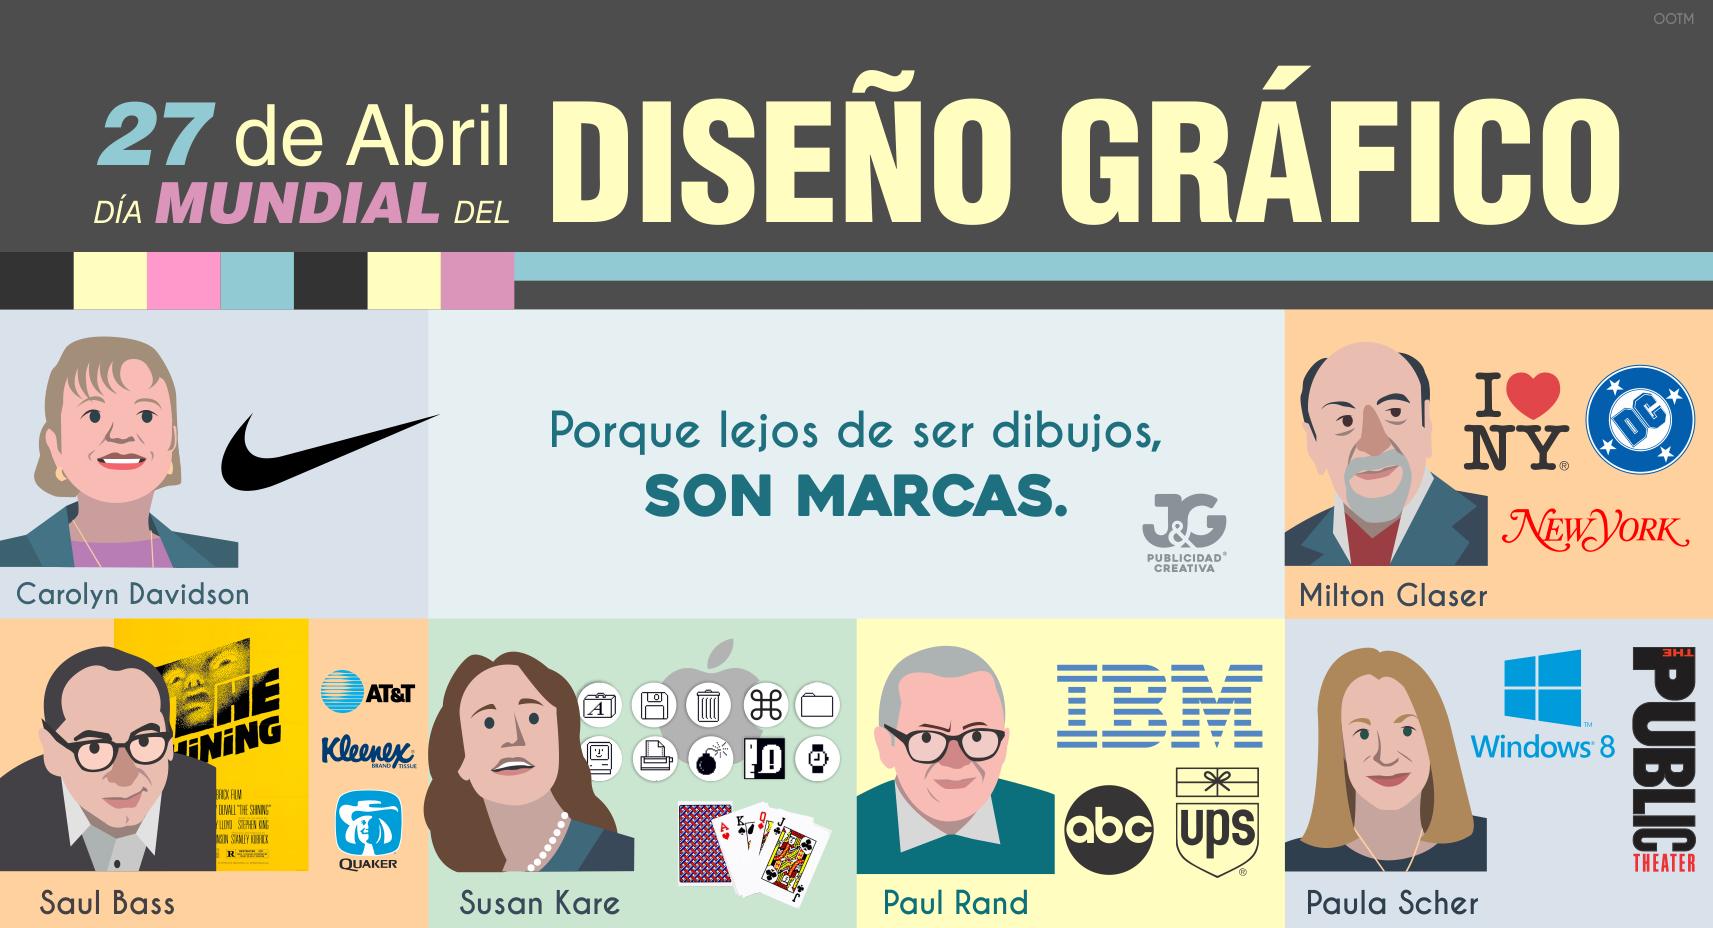 Día Mundial del Diseño Gráfico